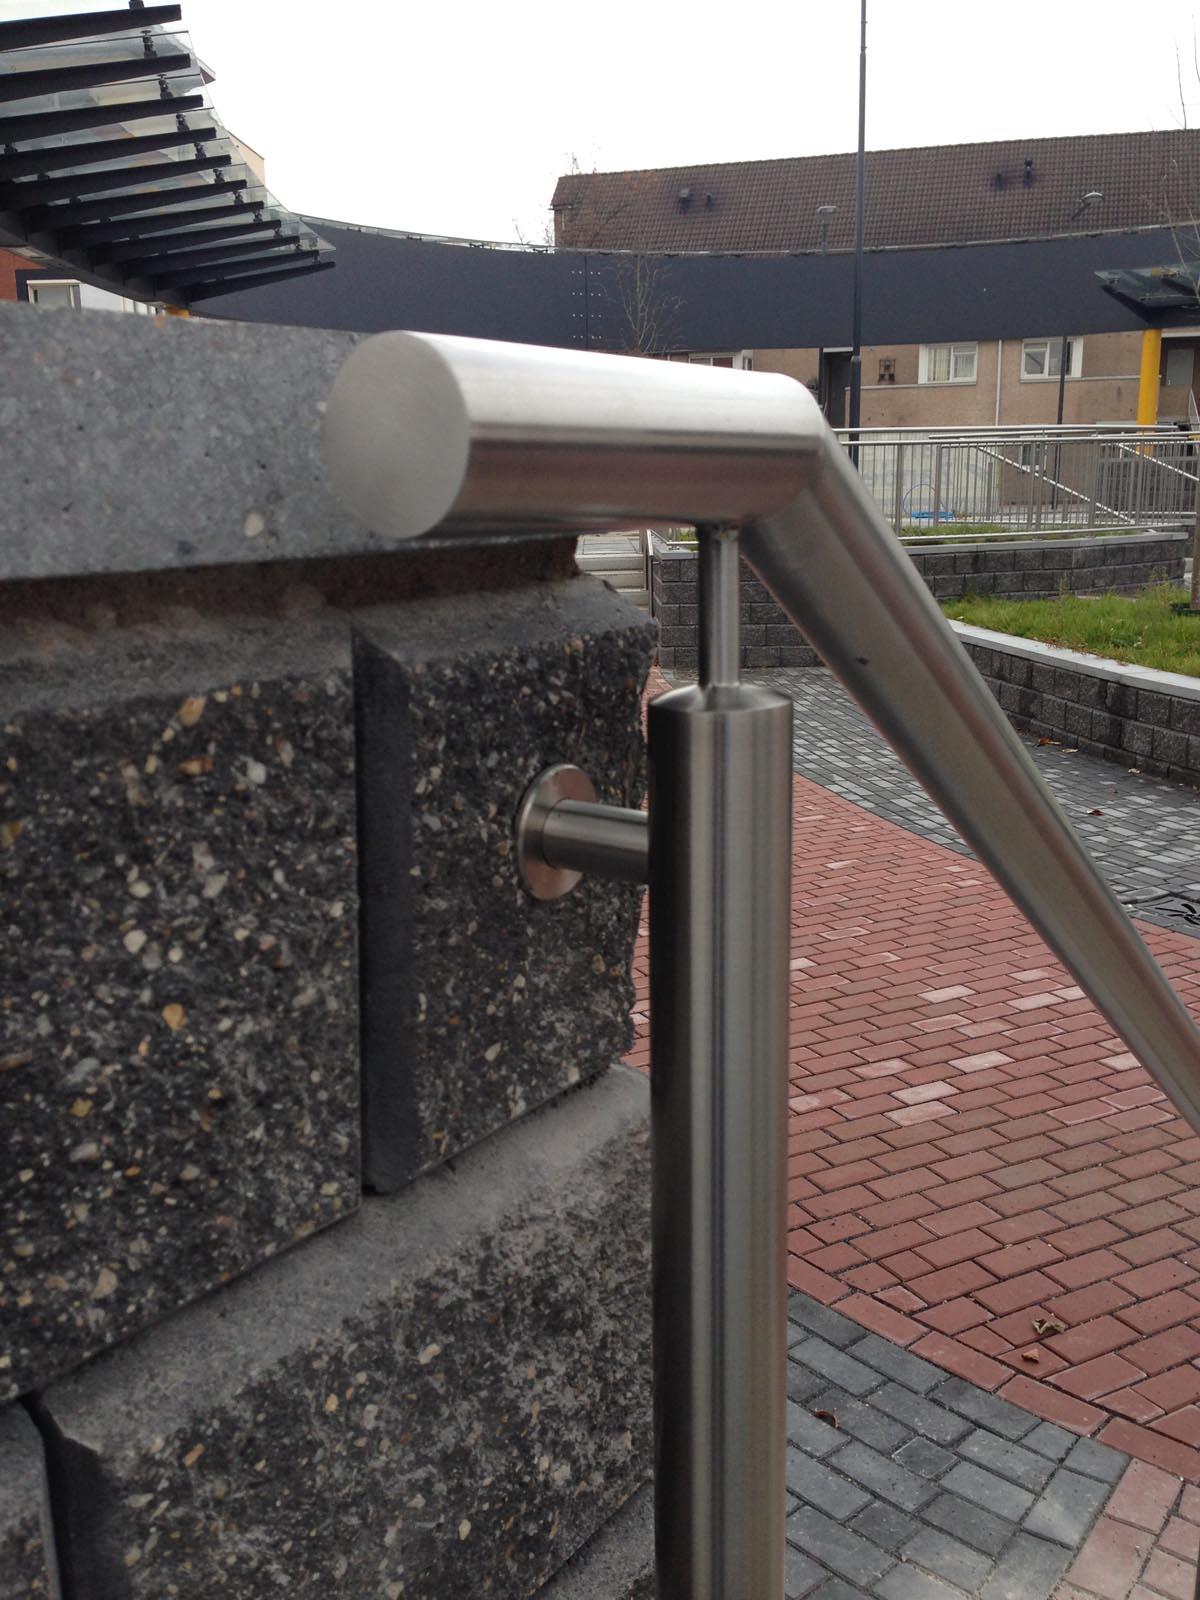 Kanters Metaalservice - Busstation Oosterhout Hekwerk